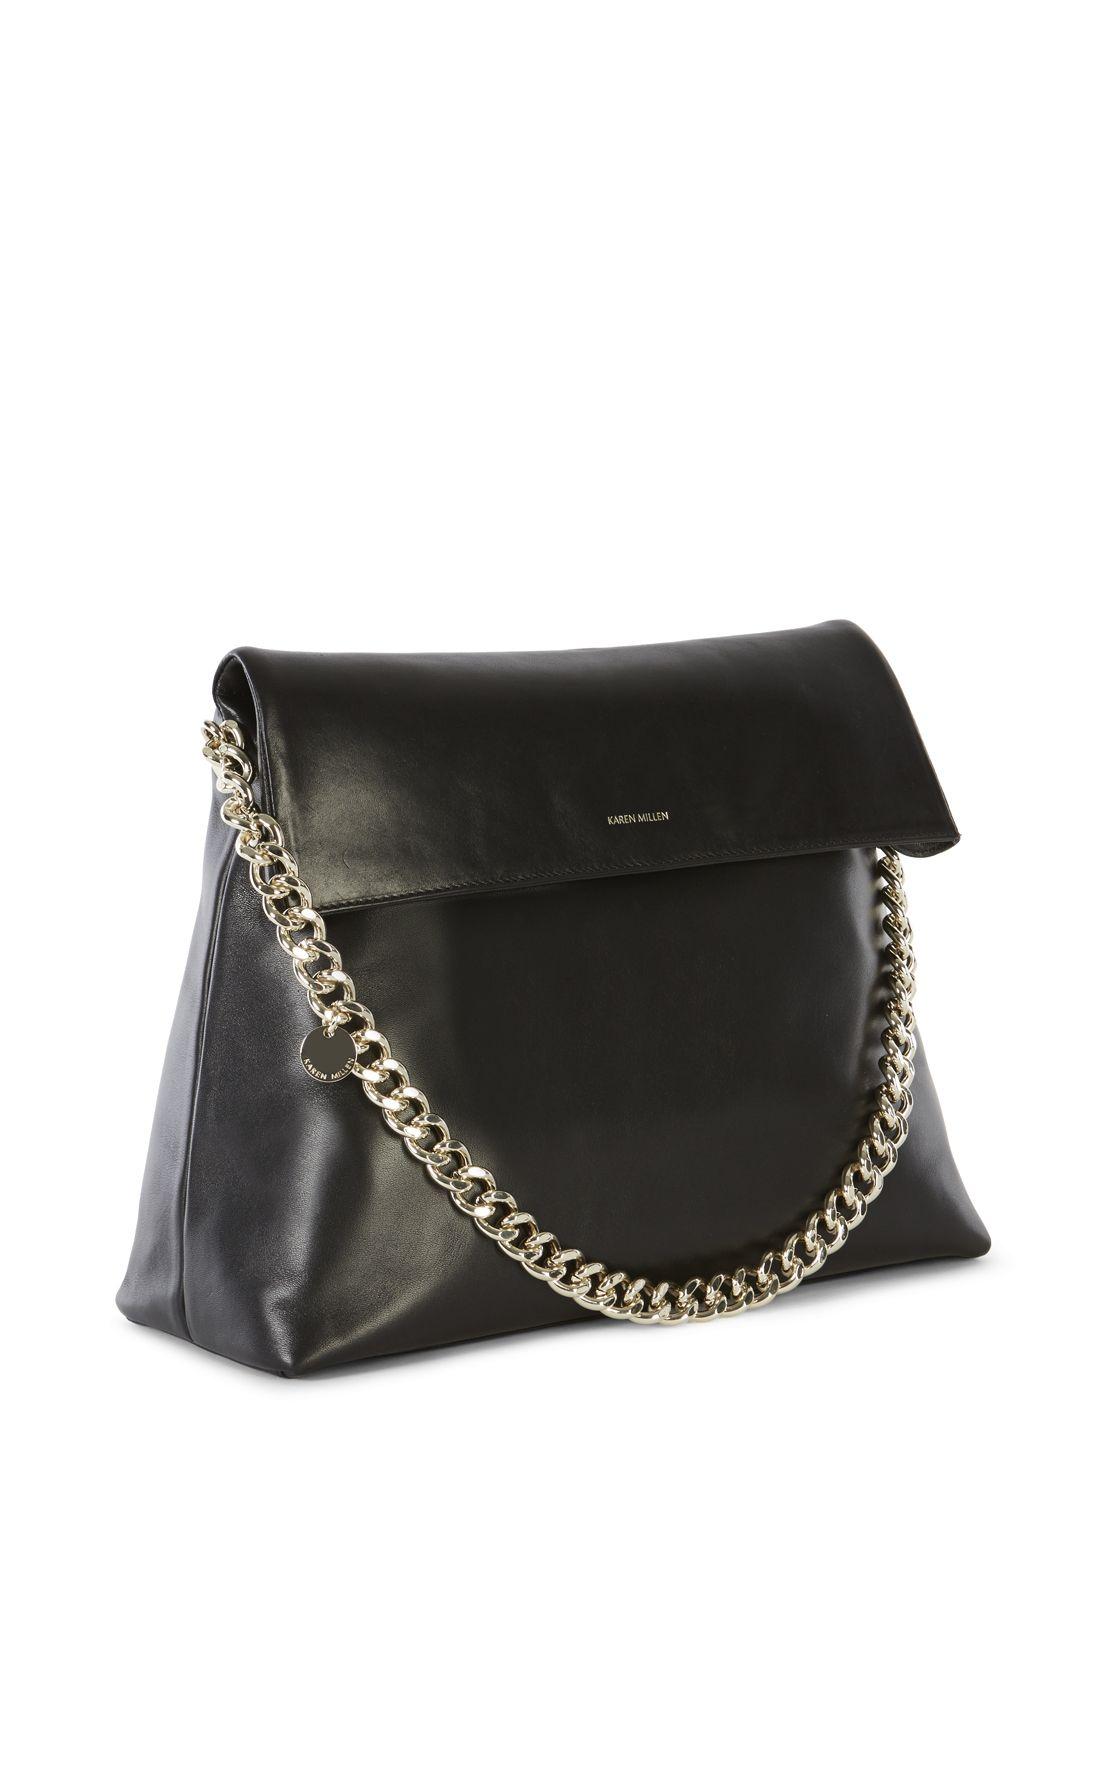 2f302609c18 Karen Millen, OVERSIZED REGENT BAG Black   Zubi bolsos   Bags, Karen ...